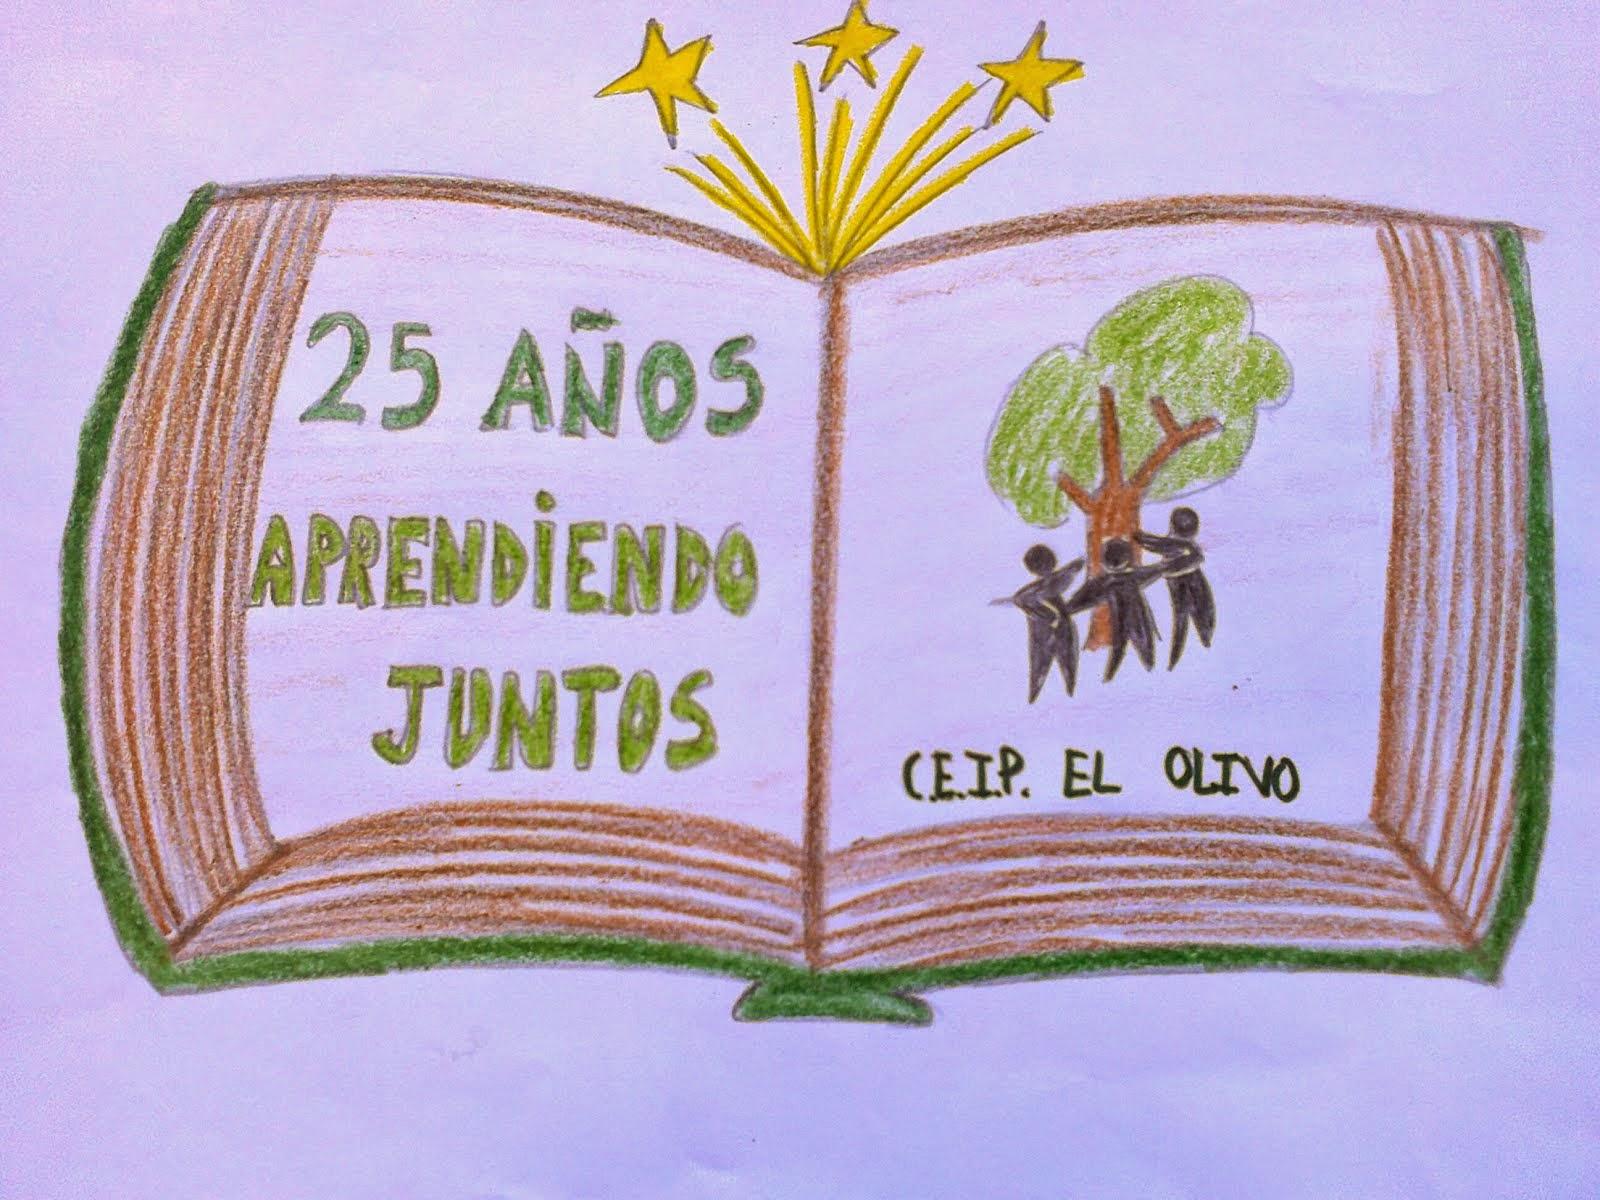 25 AÑOS DE NUESTRO COLEGIO